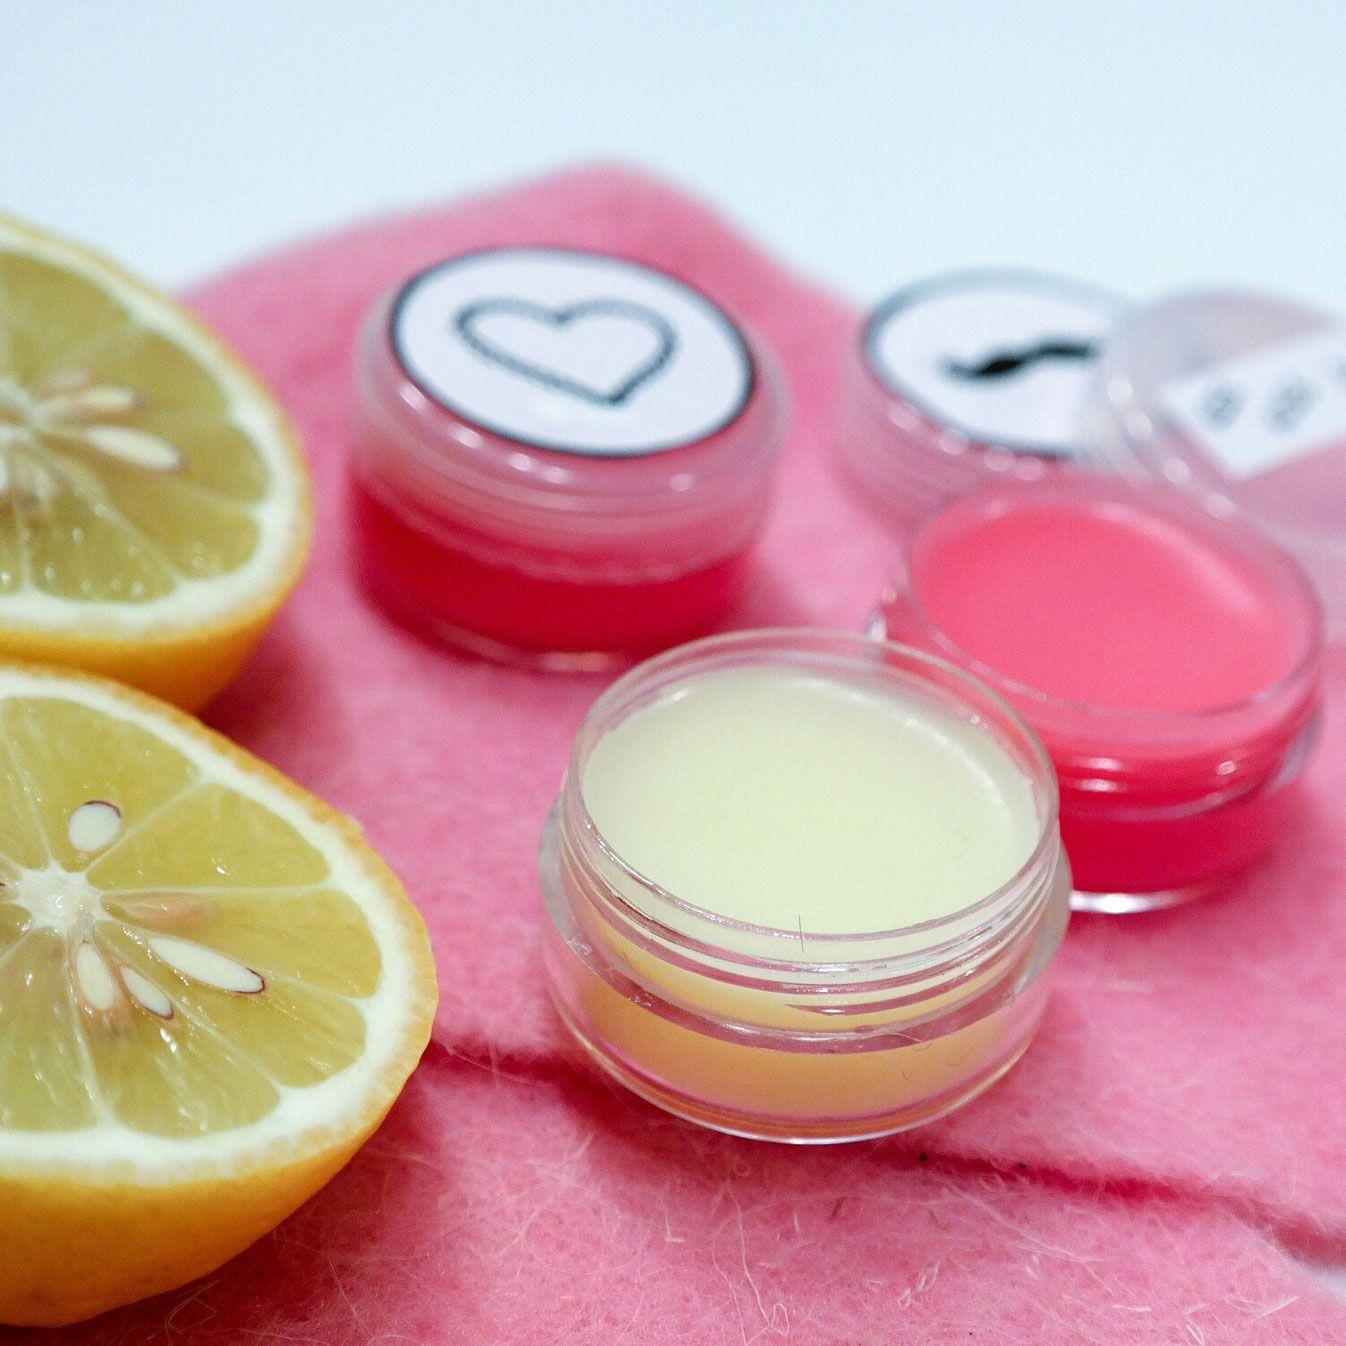 diy lippenbalsam selbstgemacht die fruchtige lippenpflege mit zitrone und rein nat rlichen. Black Bedroom Furniture Sets. Home Design Ideas